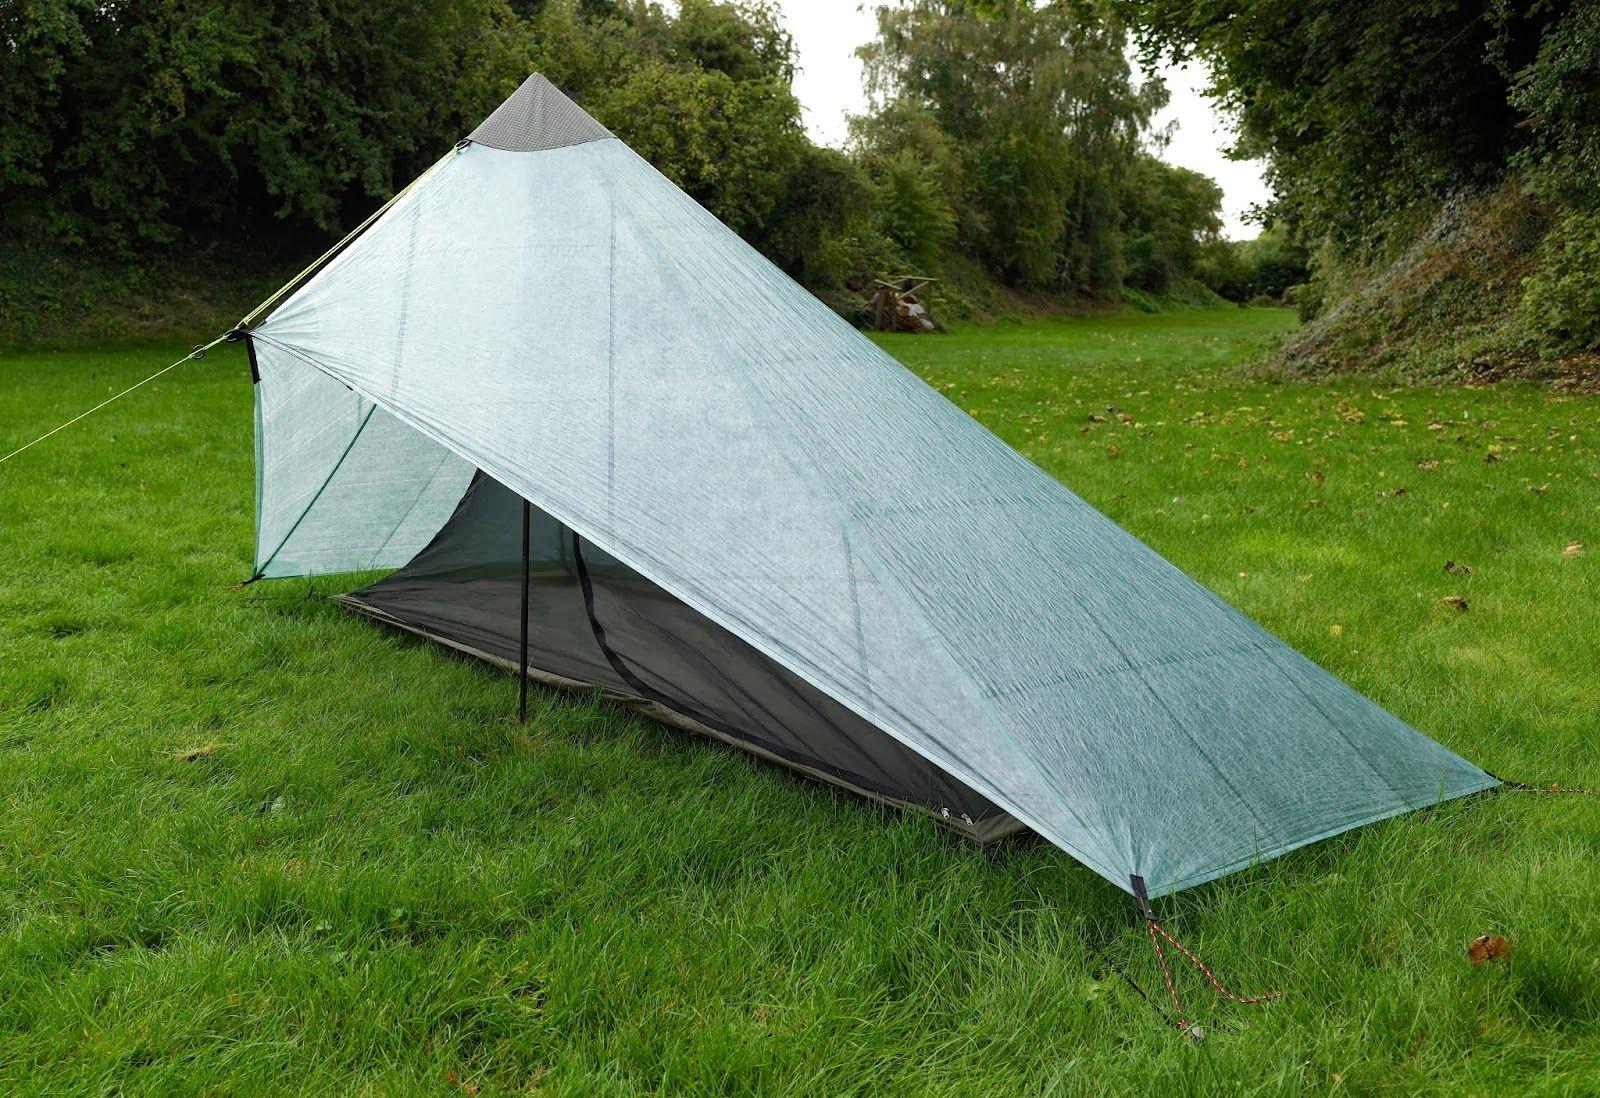 Tr&liteu0027s Travels MYOG Cuben Fibre Shelter & Trampliteu0027s Travels: MYOG Cuben Fibre Shelter | Camp | Pinterest ...